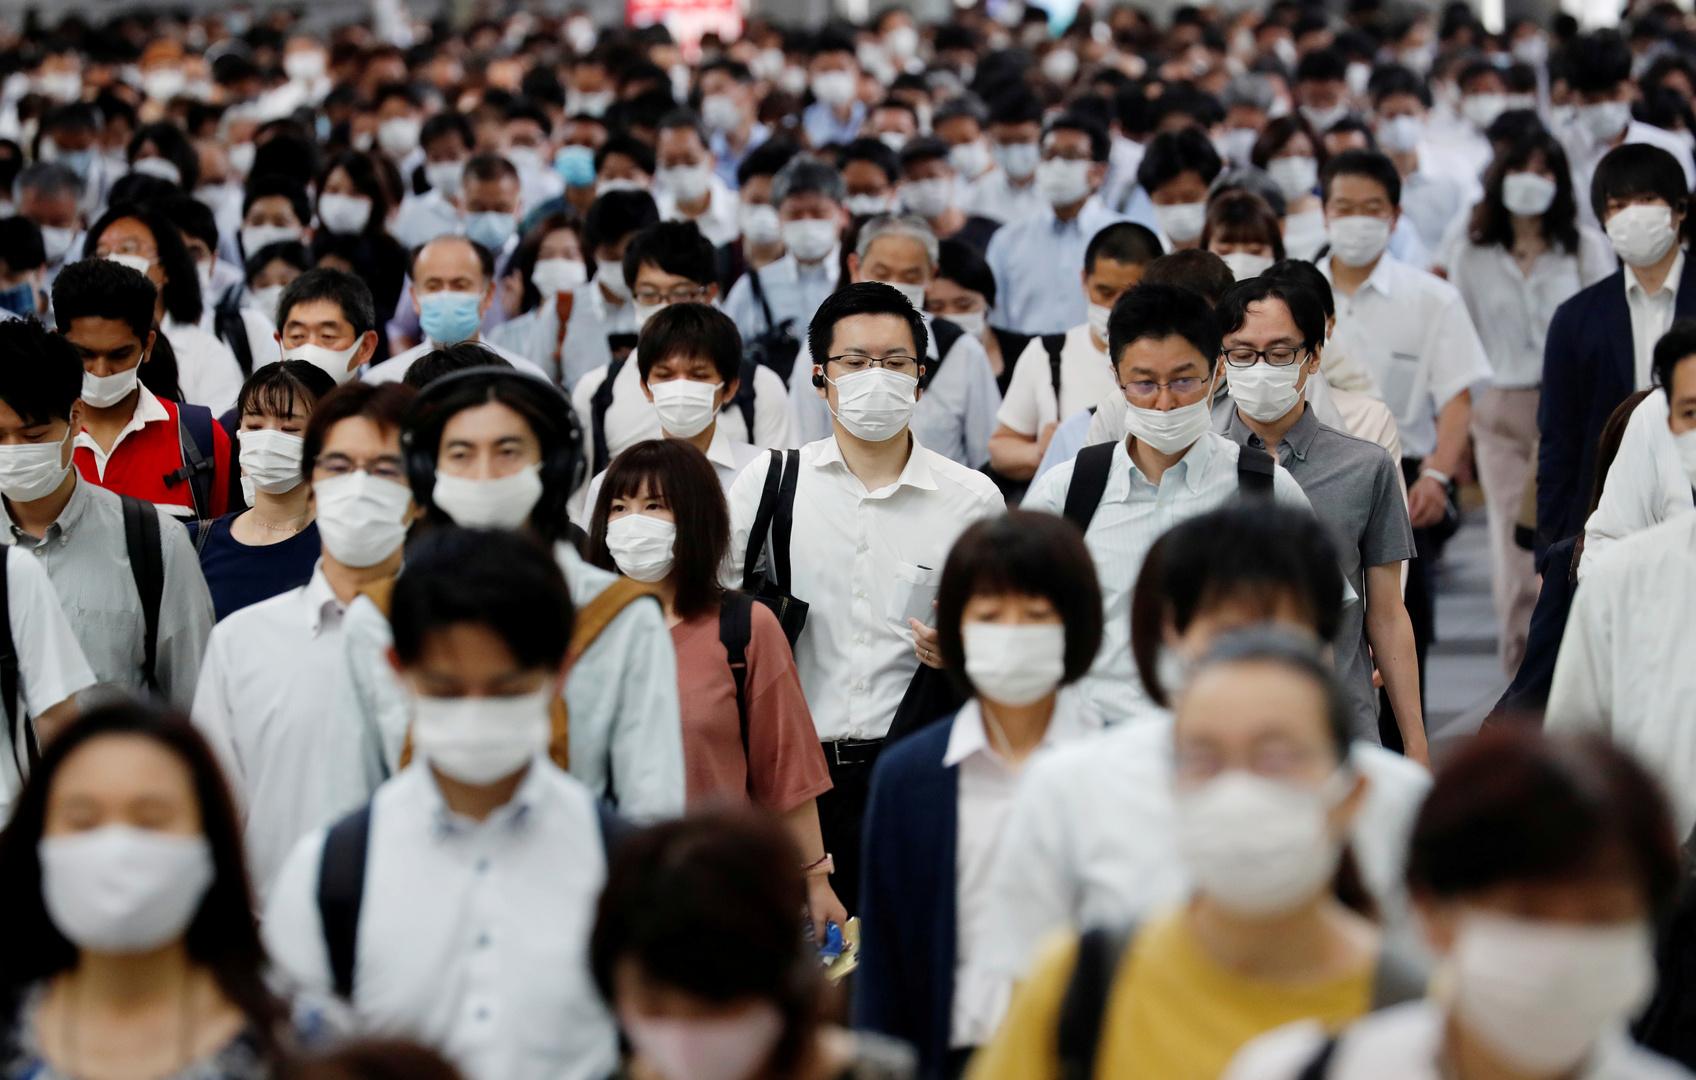 صحيفة: طوكيو ترفع مستوى التحذير من كورونا إلى أعلى درجة